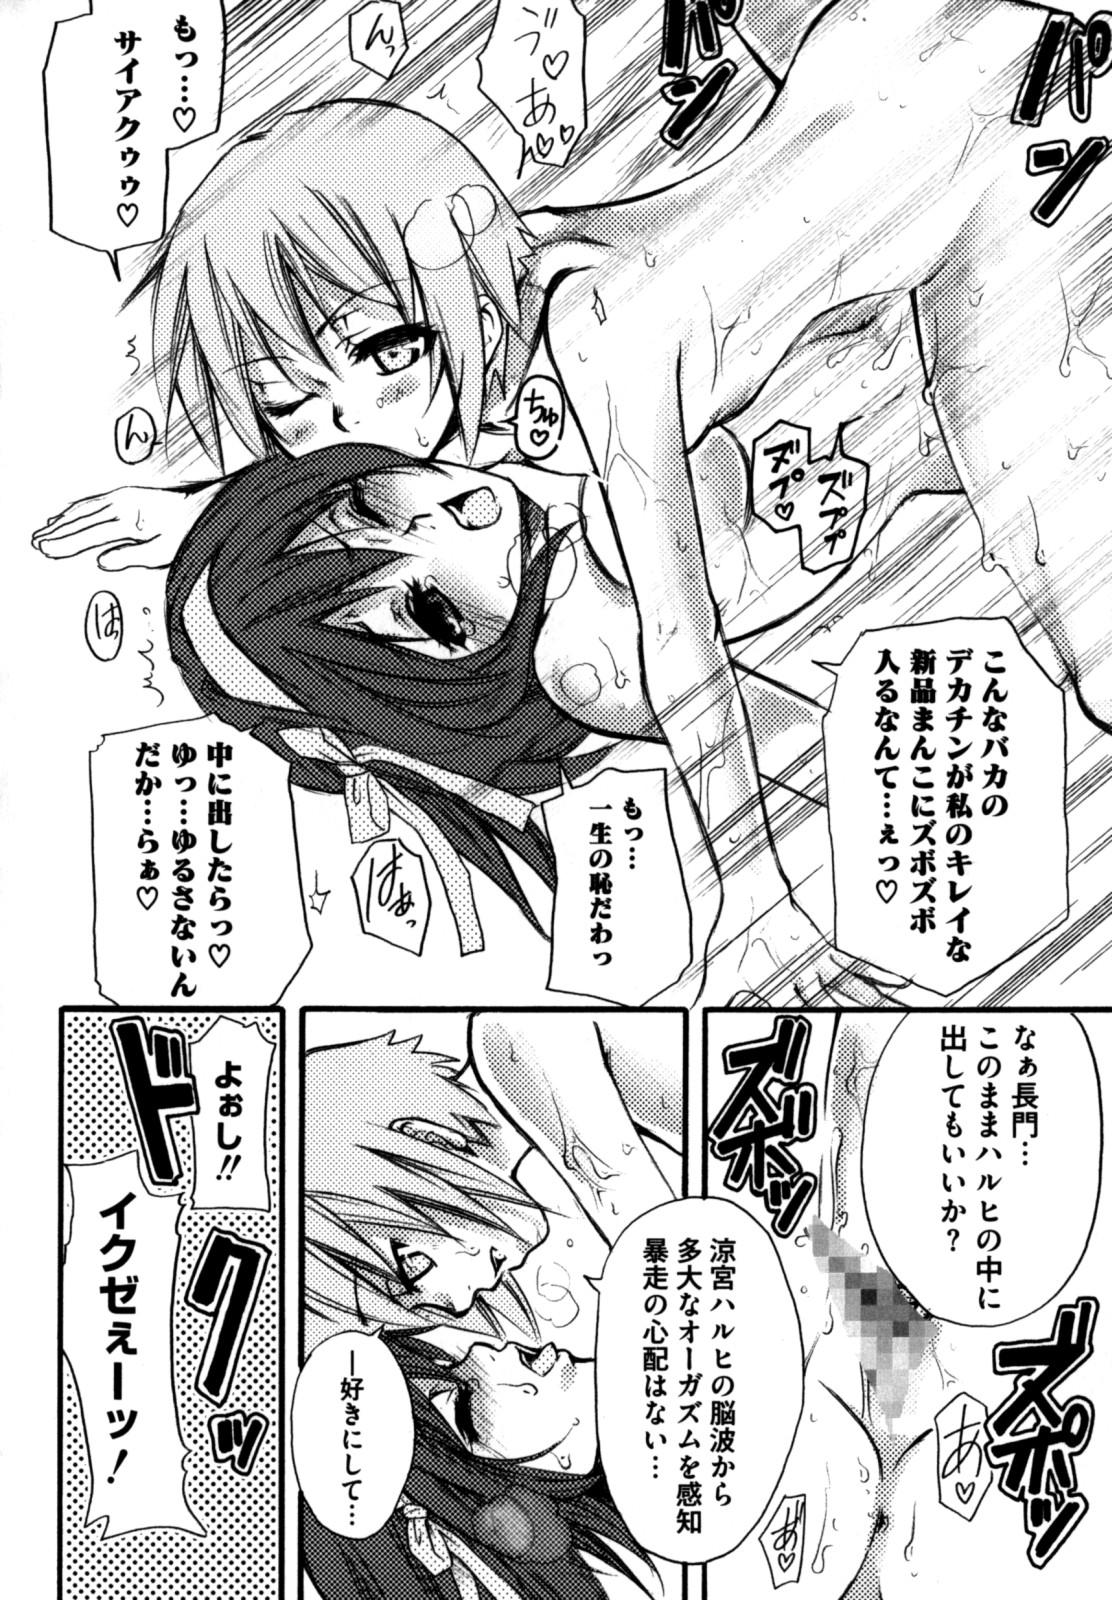 Shikijou no Erosu 67